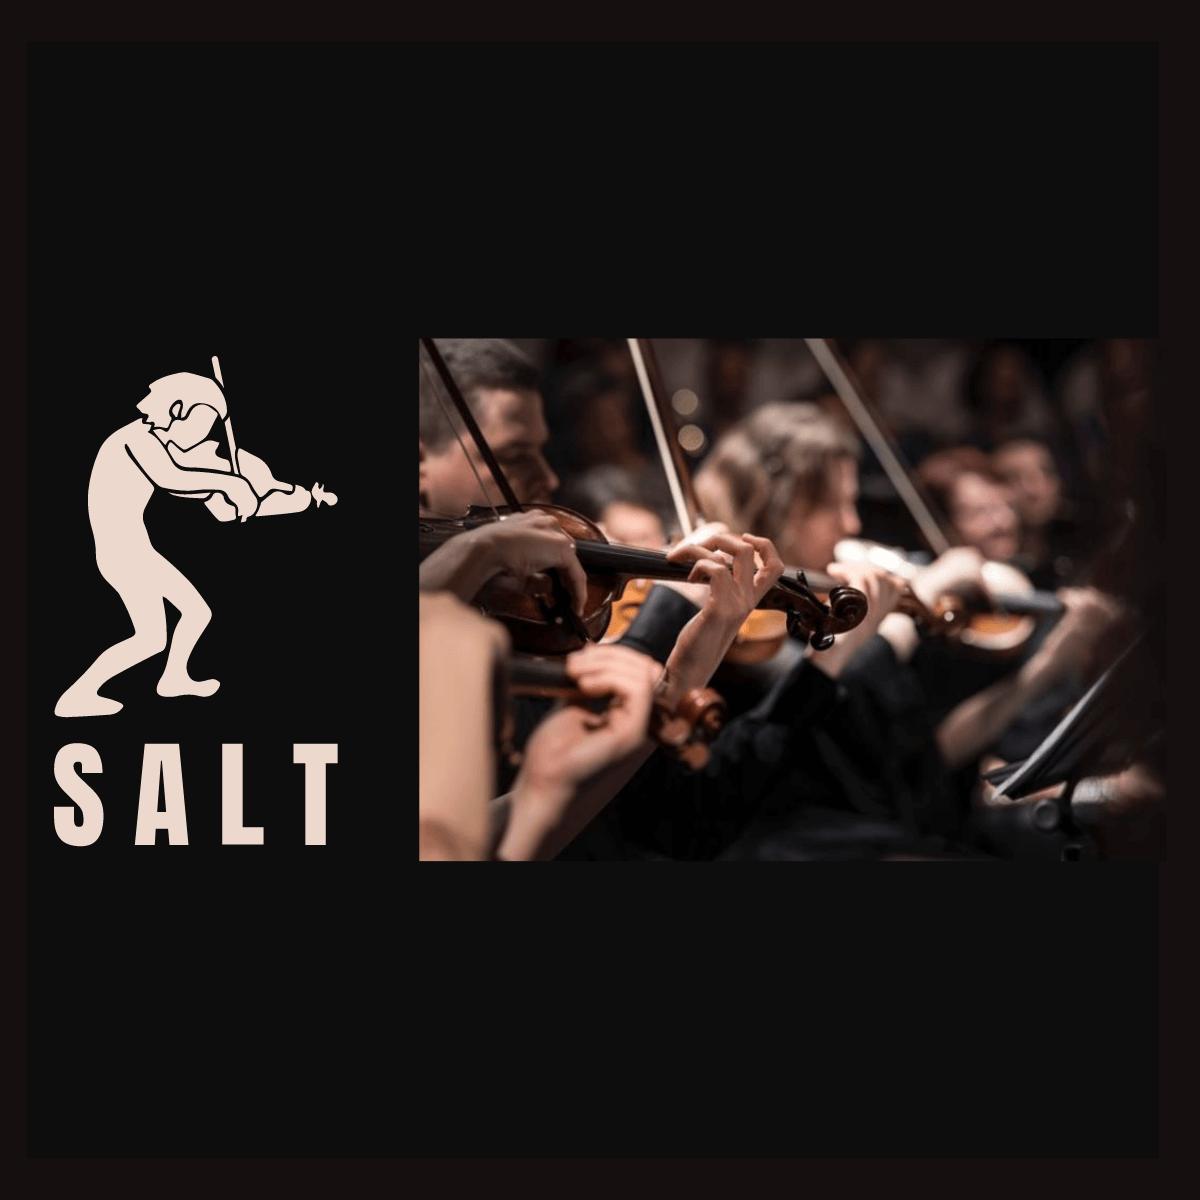 Symfoniorkerstur-konsert í SALT